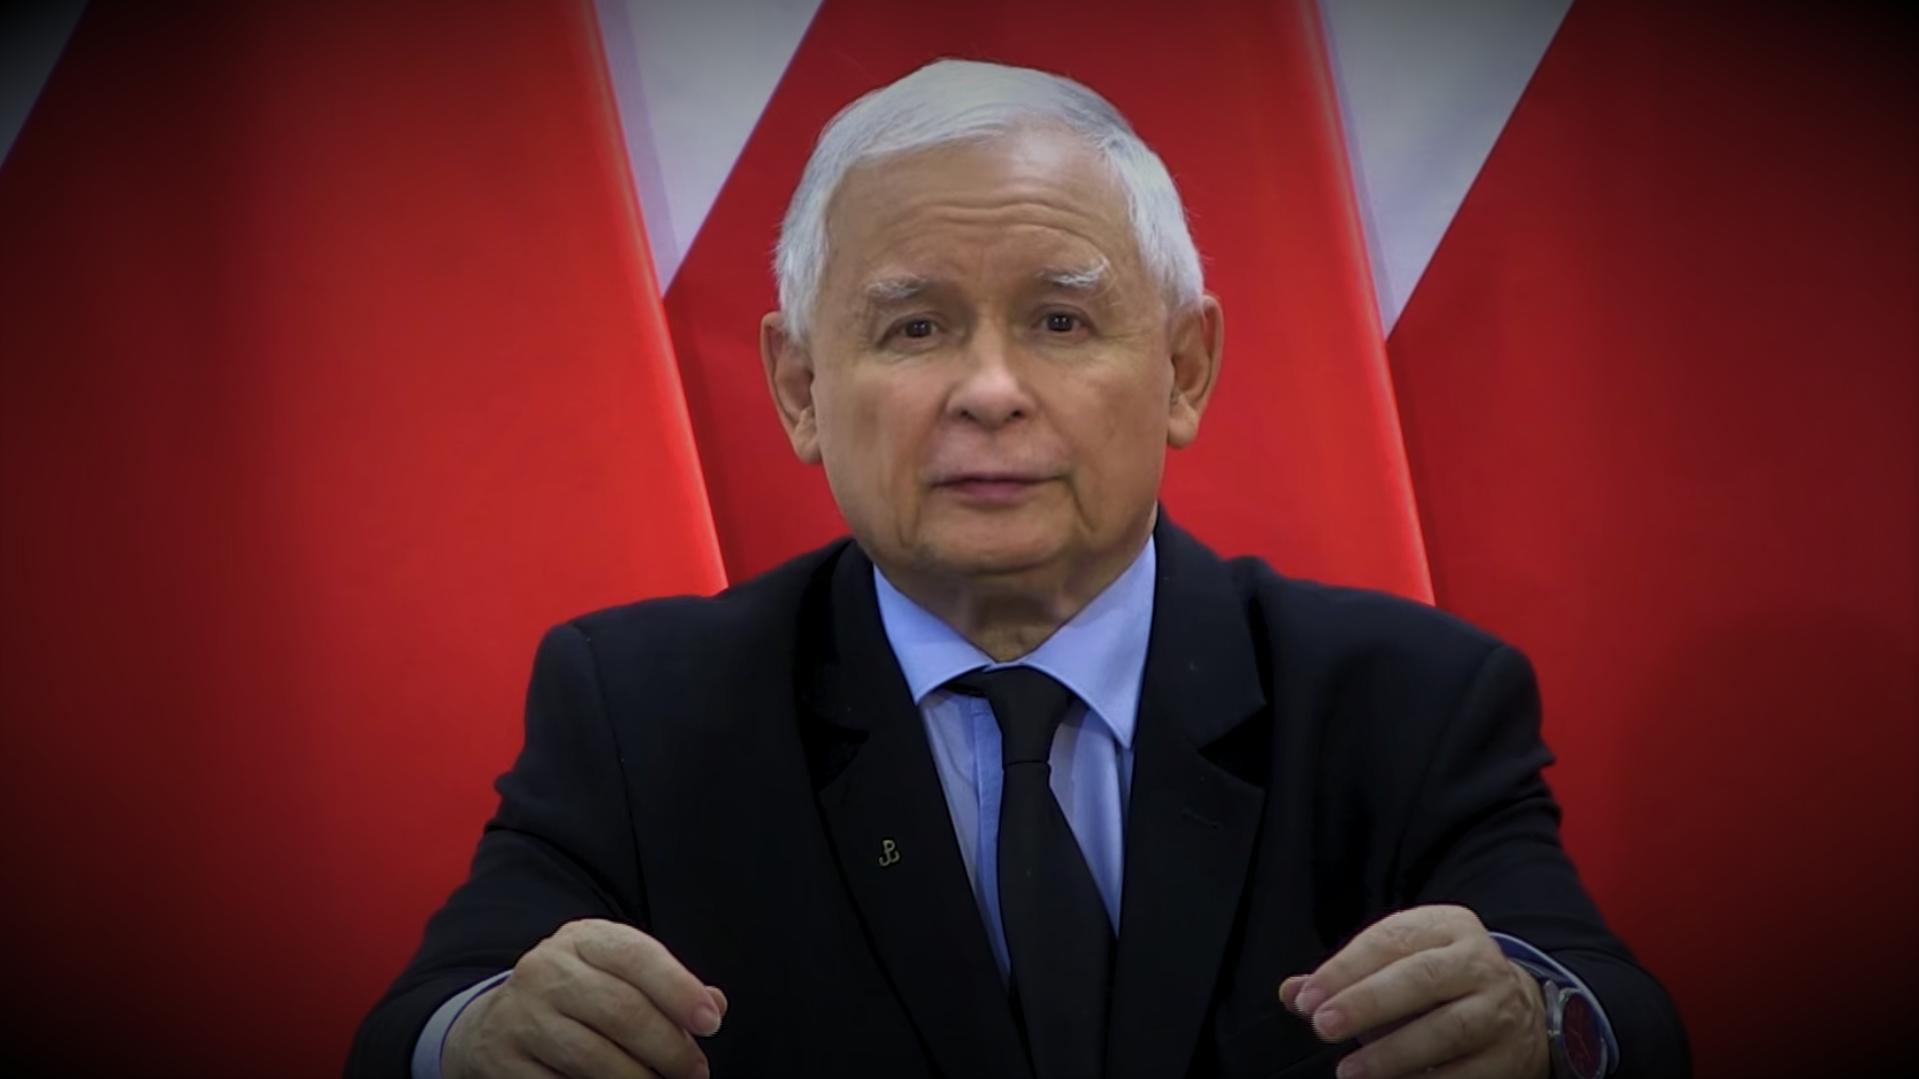 Kaczyński ma powody do zmartwienia? Sondaż pokazuje, że PiS nie mógłby samodzielnie rządzić